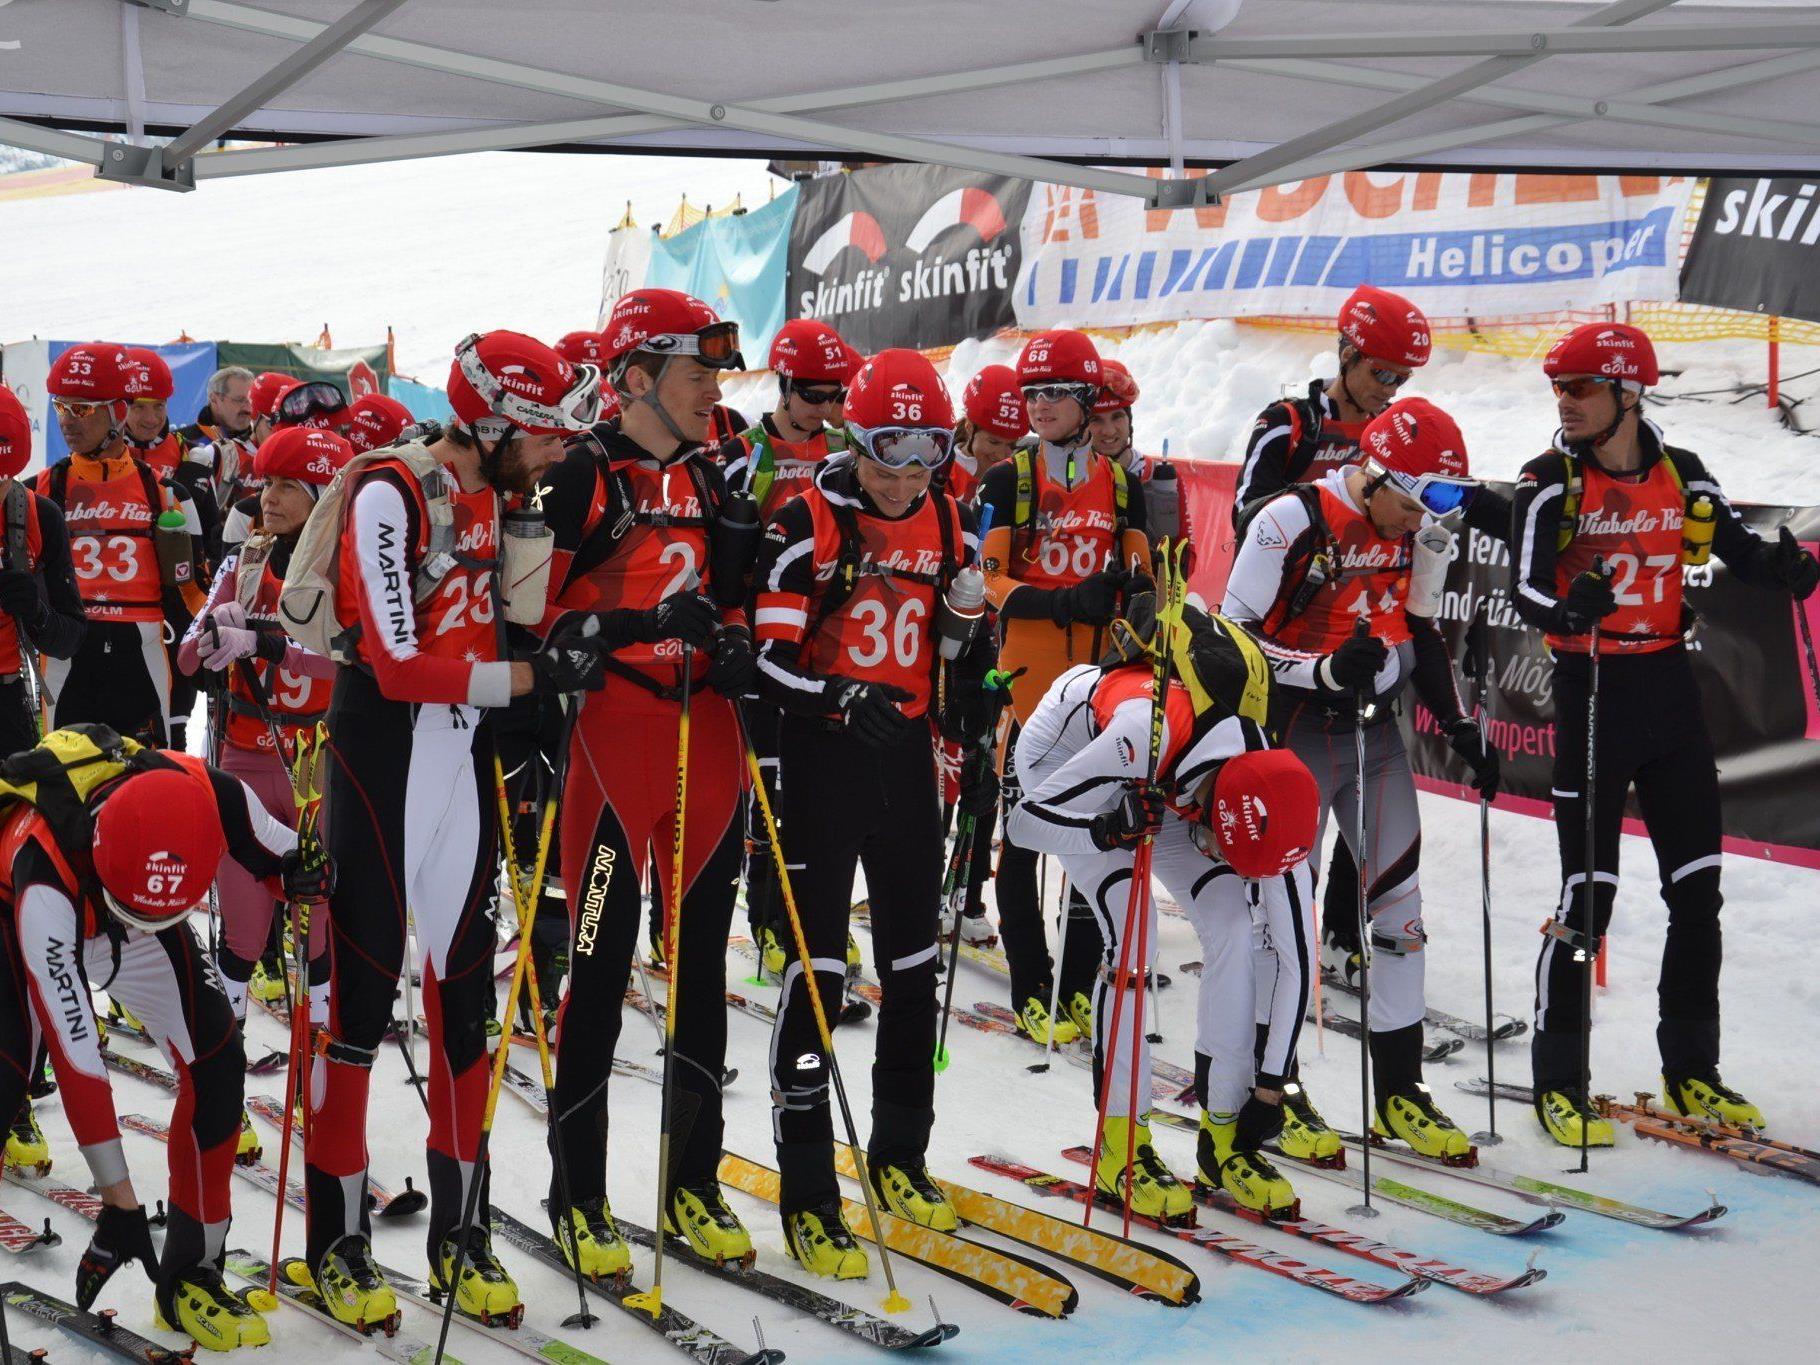 Ein spannendes Diabolo Race ging am Wochenende am Golm über die Bühne - der Klassiker im Skitourenkalender